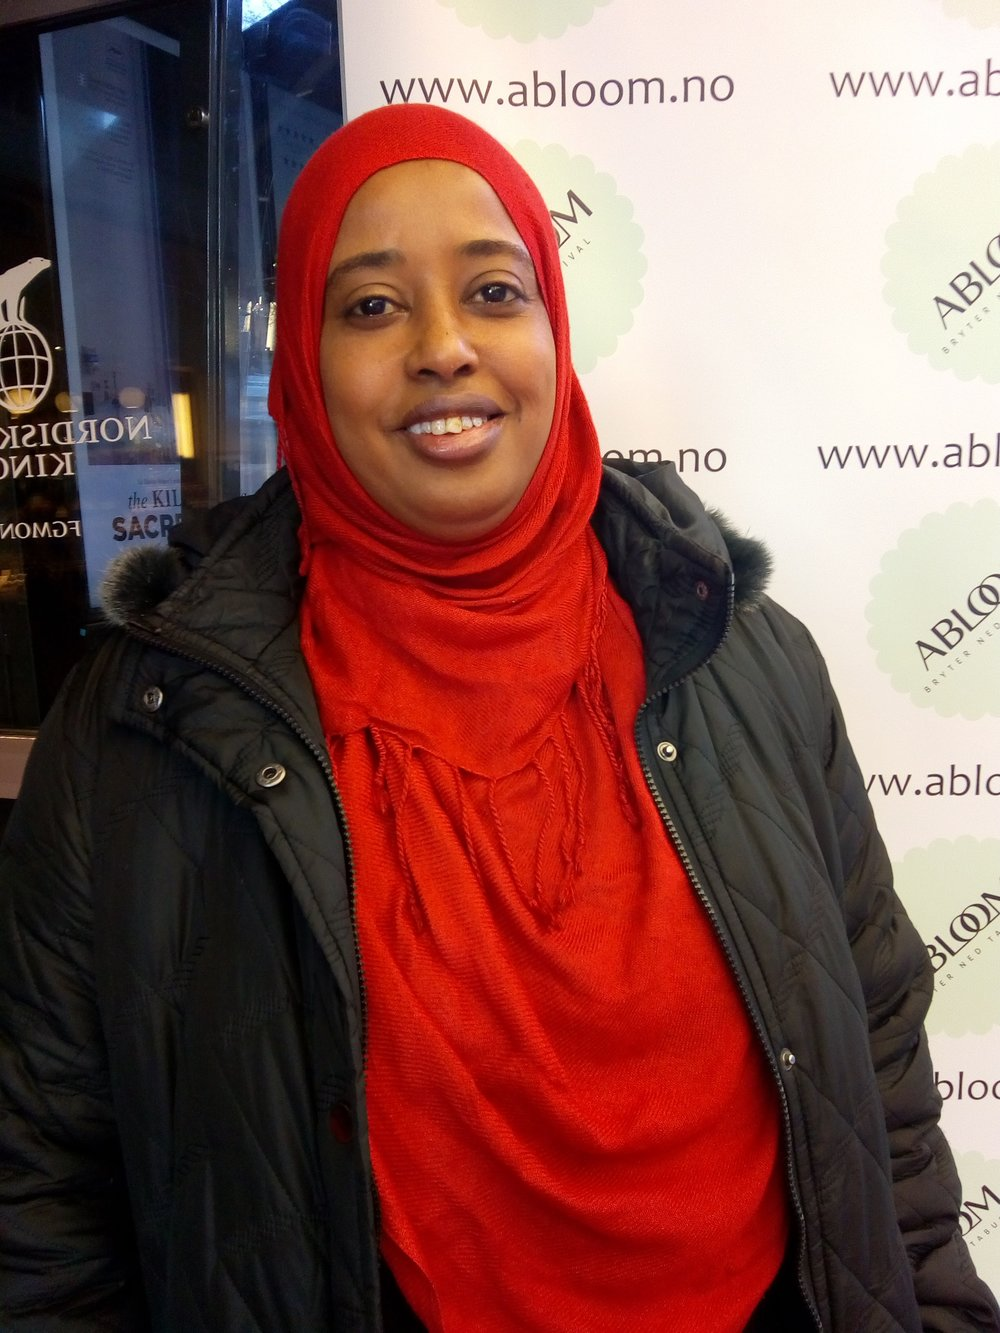 Takknemlig:– Gjennom Abloom oppdaget jeg at jeg ikke var alene om å ha barn med nedsatt funksjonsevne. Det ga meg styrke, sier Faiso Ahmed.